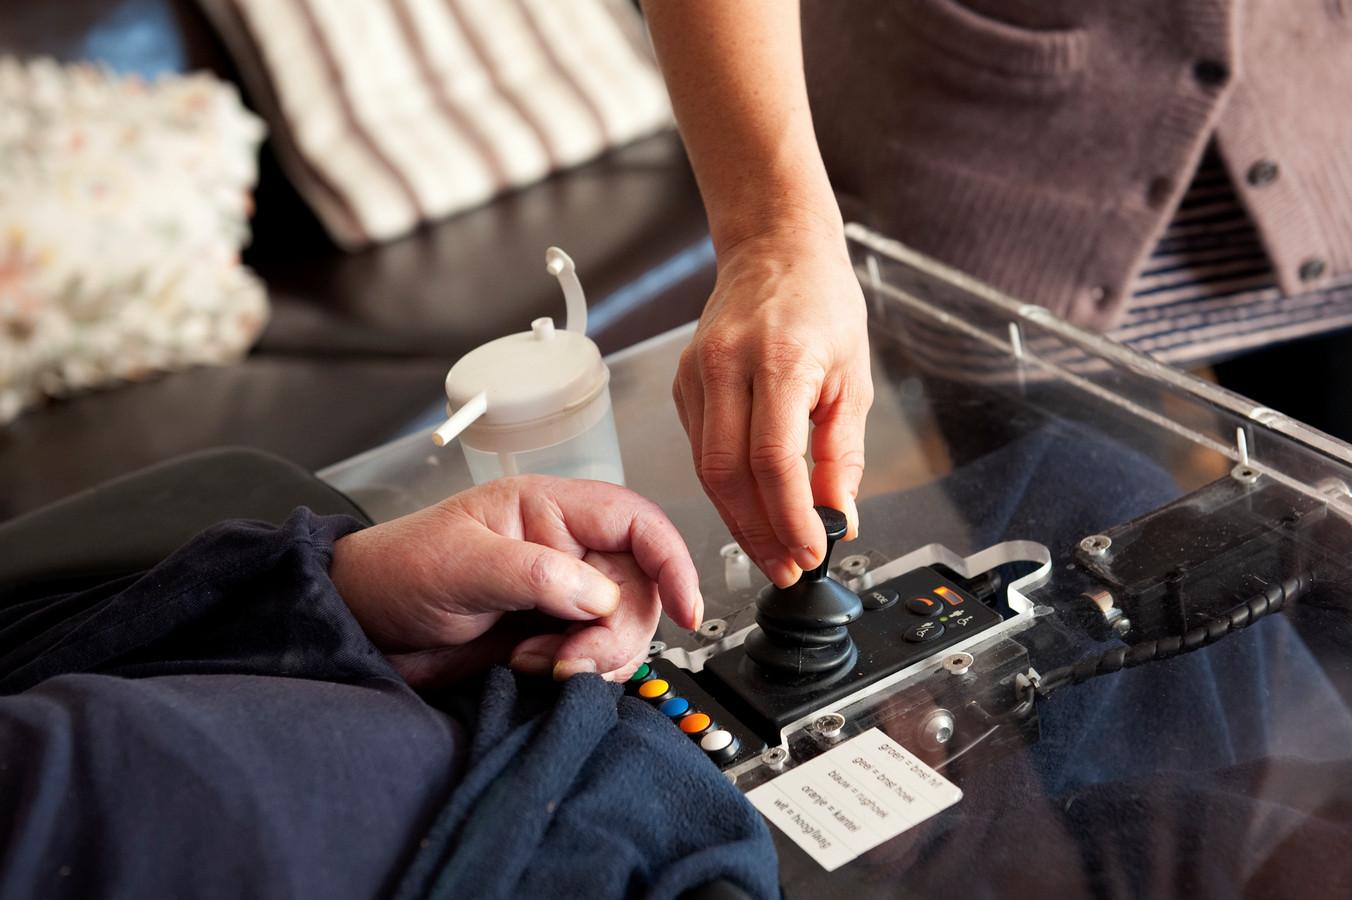 Thuiszorg-medewerkster bedient een elektrische rolstoel van een cliënt.